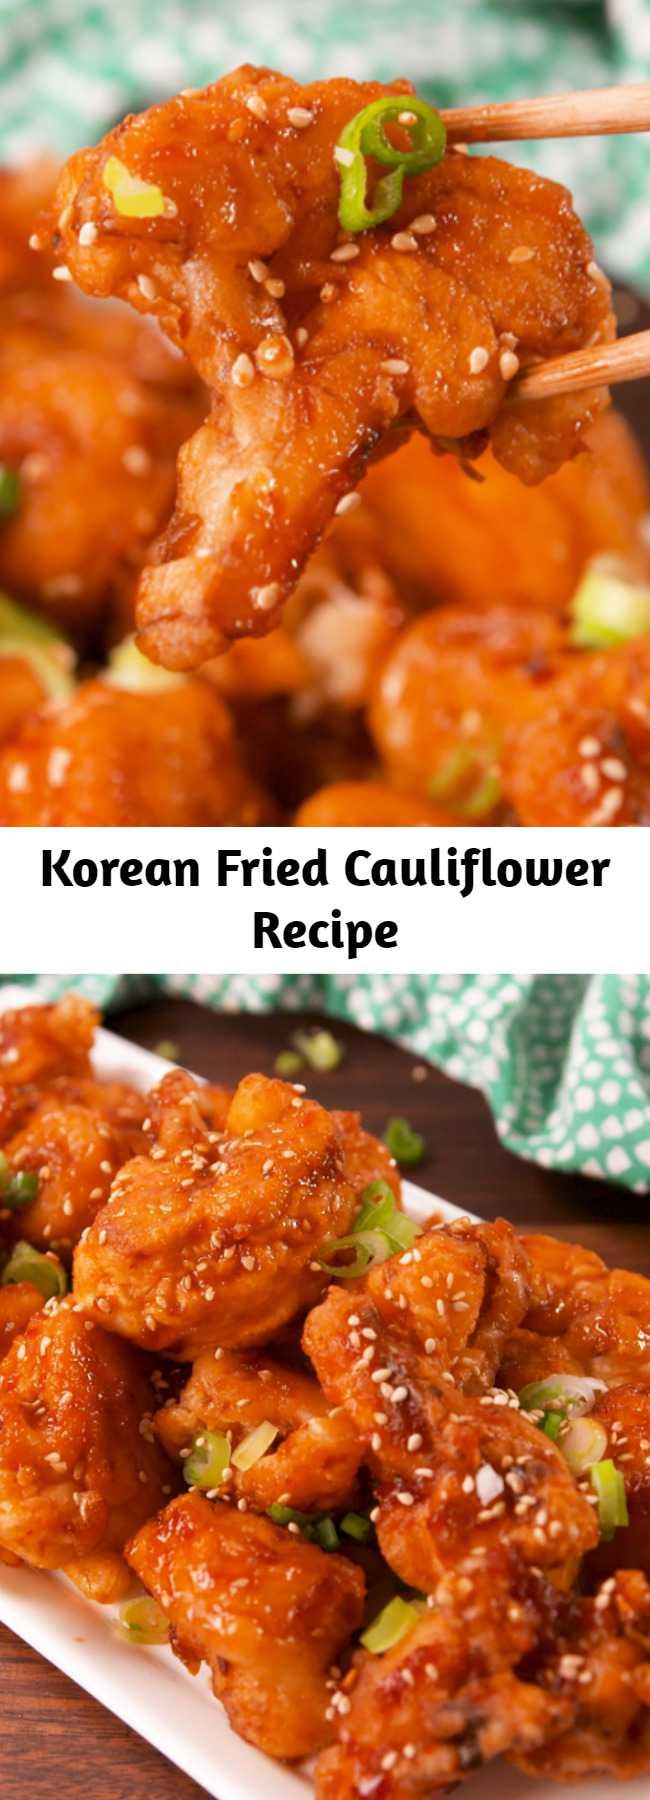 Korean Fried Cauliflower Recipe - Making your own tempura batter is what makes this dish. #food #easyrecipe #vegetarian #familydinner #dinner